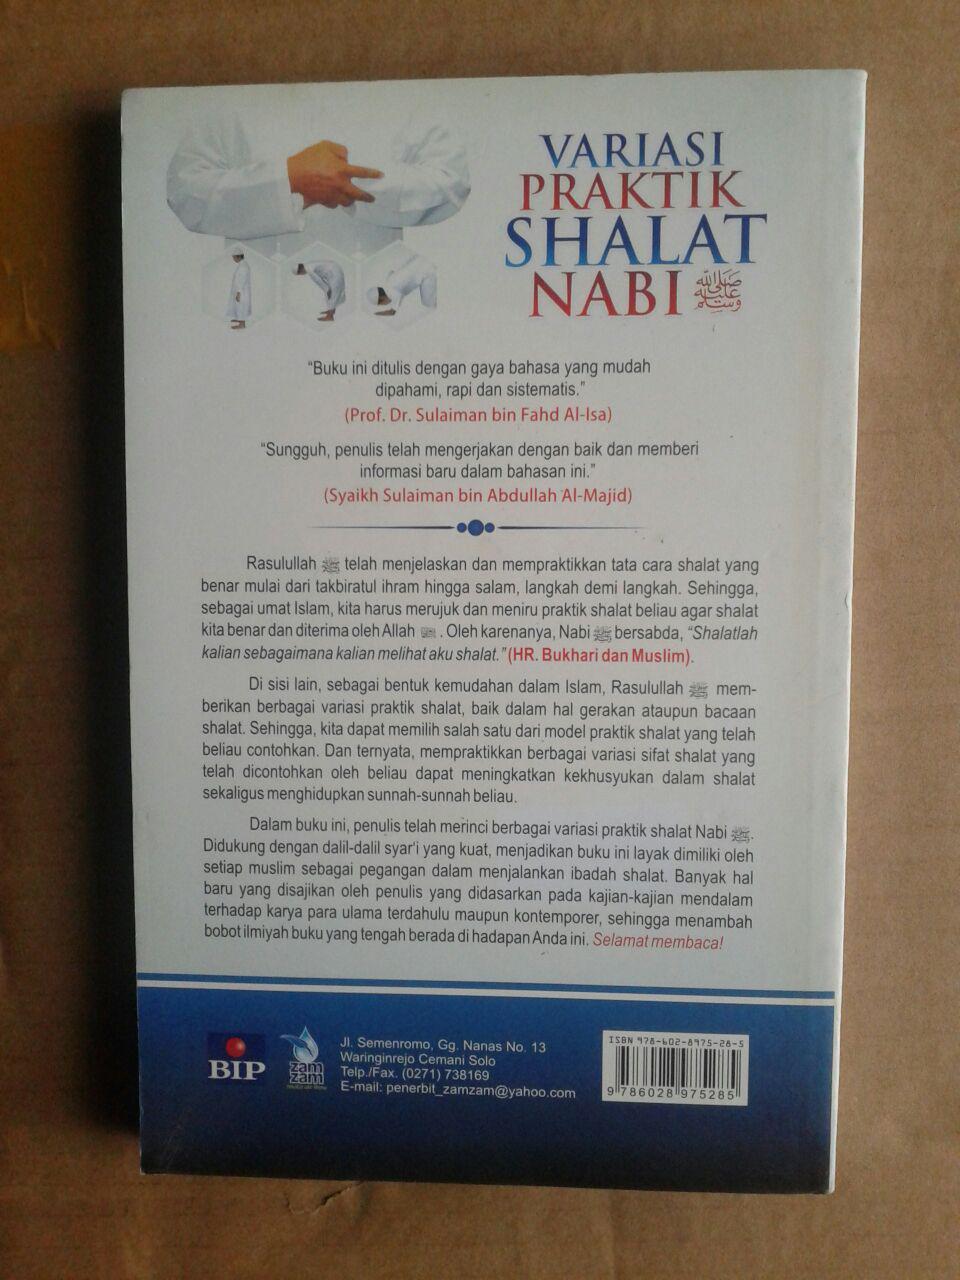 Buku Variasi Praktik Shalat Nabi Kajian Lengkap Shalat cover 2